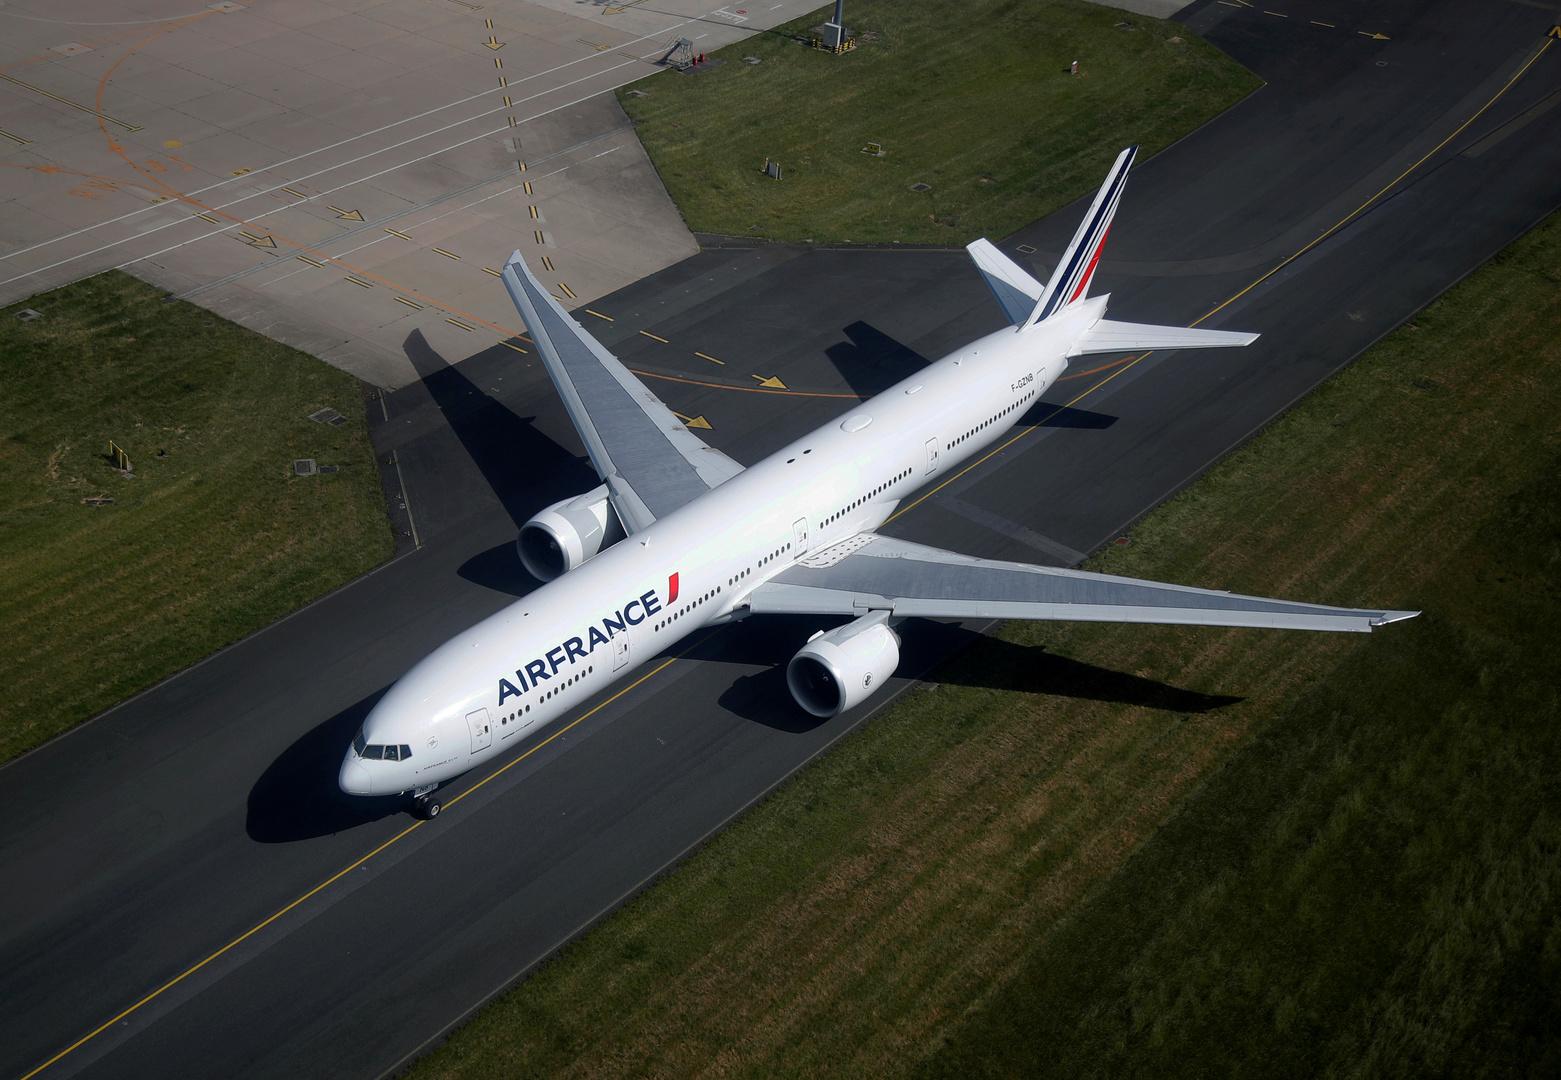 طائرة فرنسية تهبط اضطراريا في بلغاريا بسبب سلوك راكب